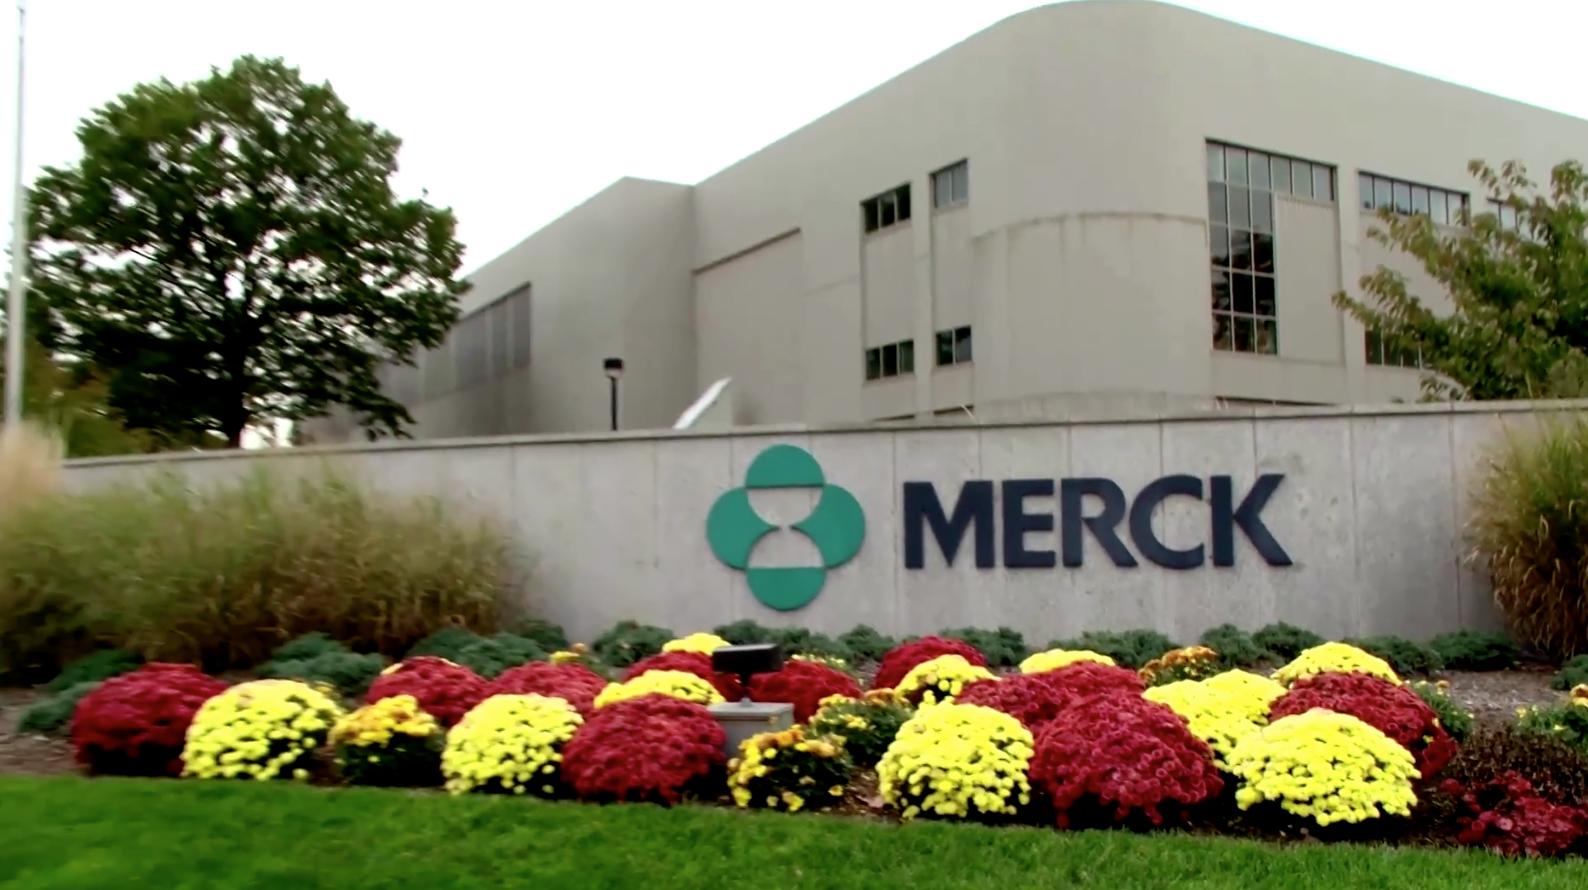 Hãng Merck sẽ giúp sản xuất vaccine ngừa COVID-19 của hãng Johnson & Johnson